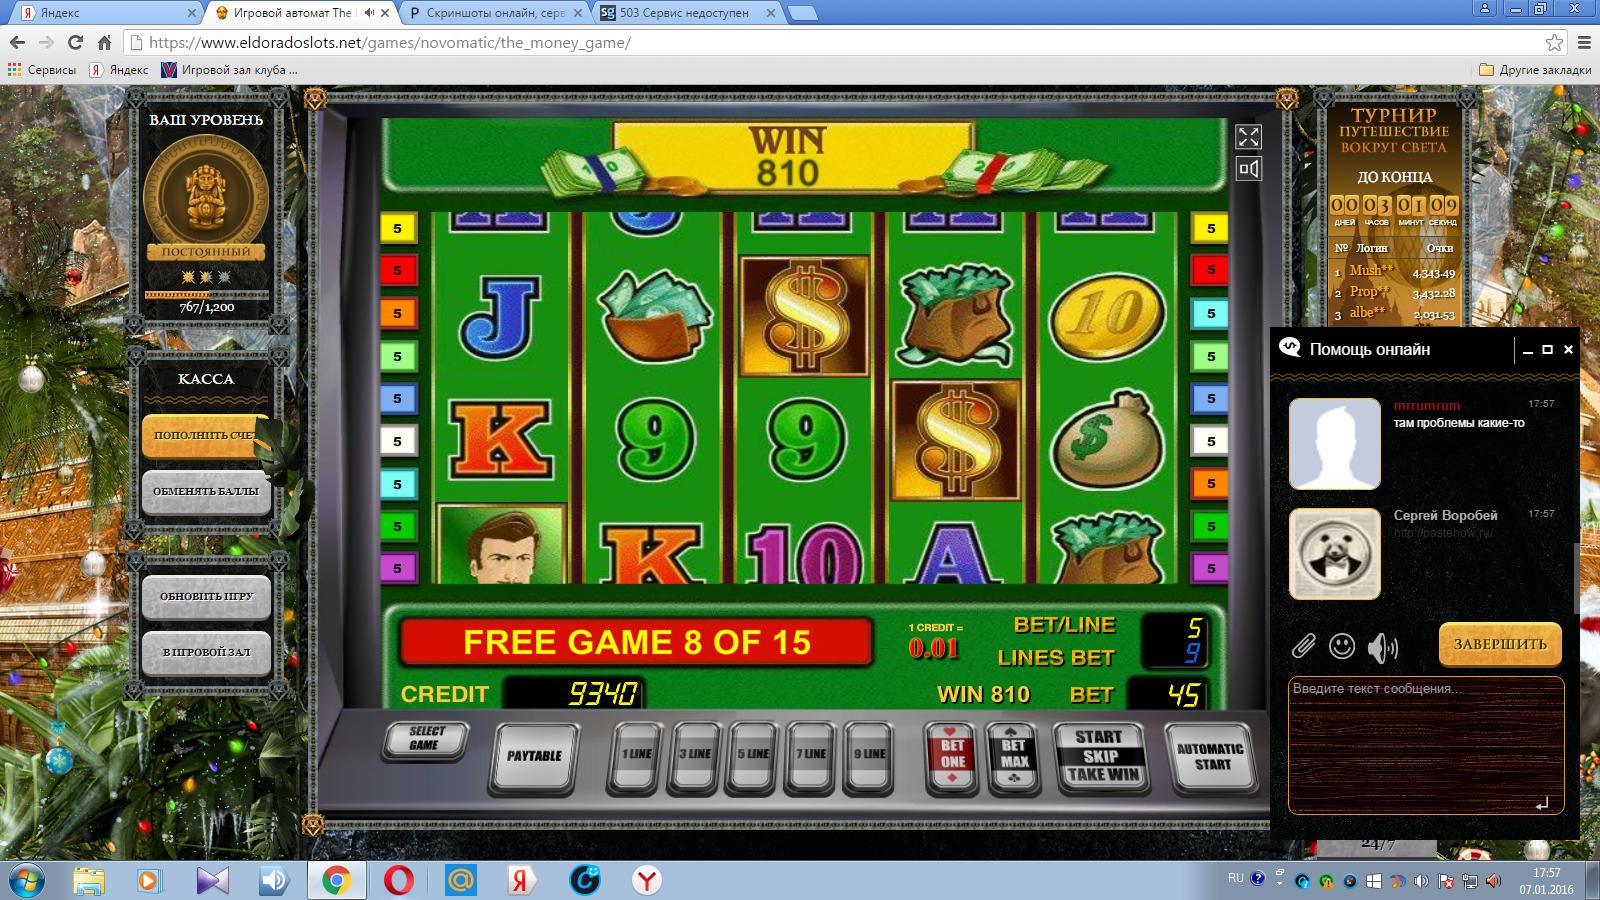 Скачать игру казино вулкан онлайн